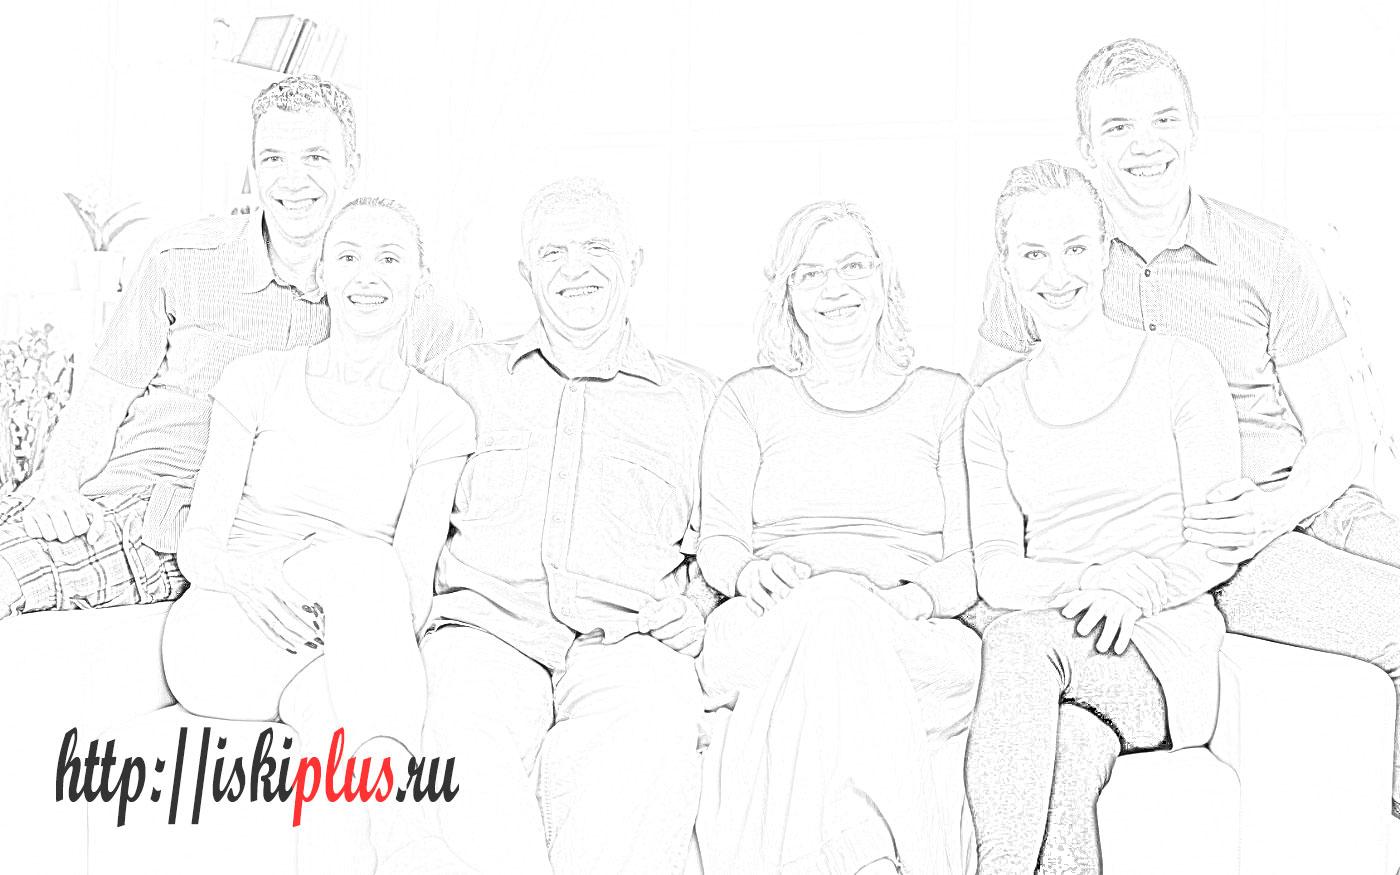 Близкие родственники по Семейному кодексу РФ: понятие, круг лиц, права